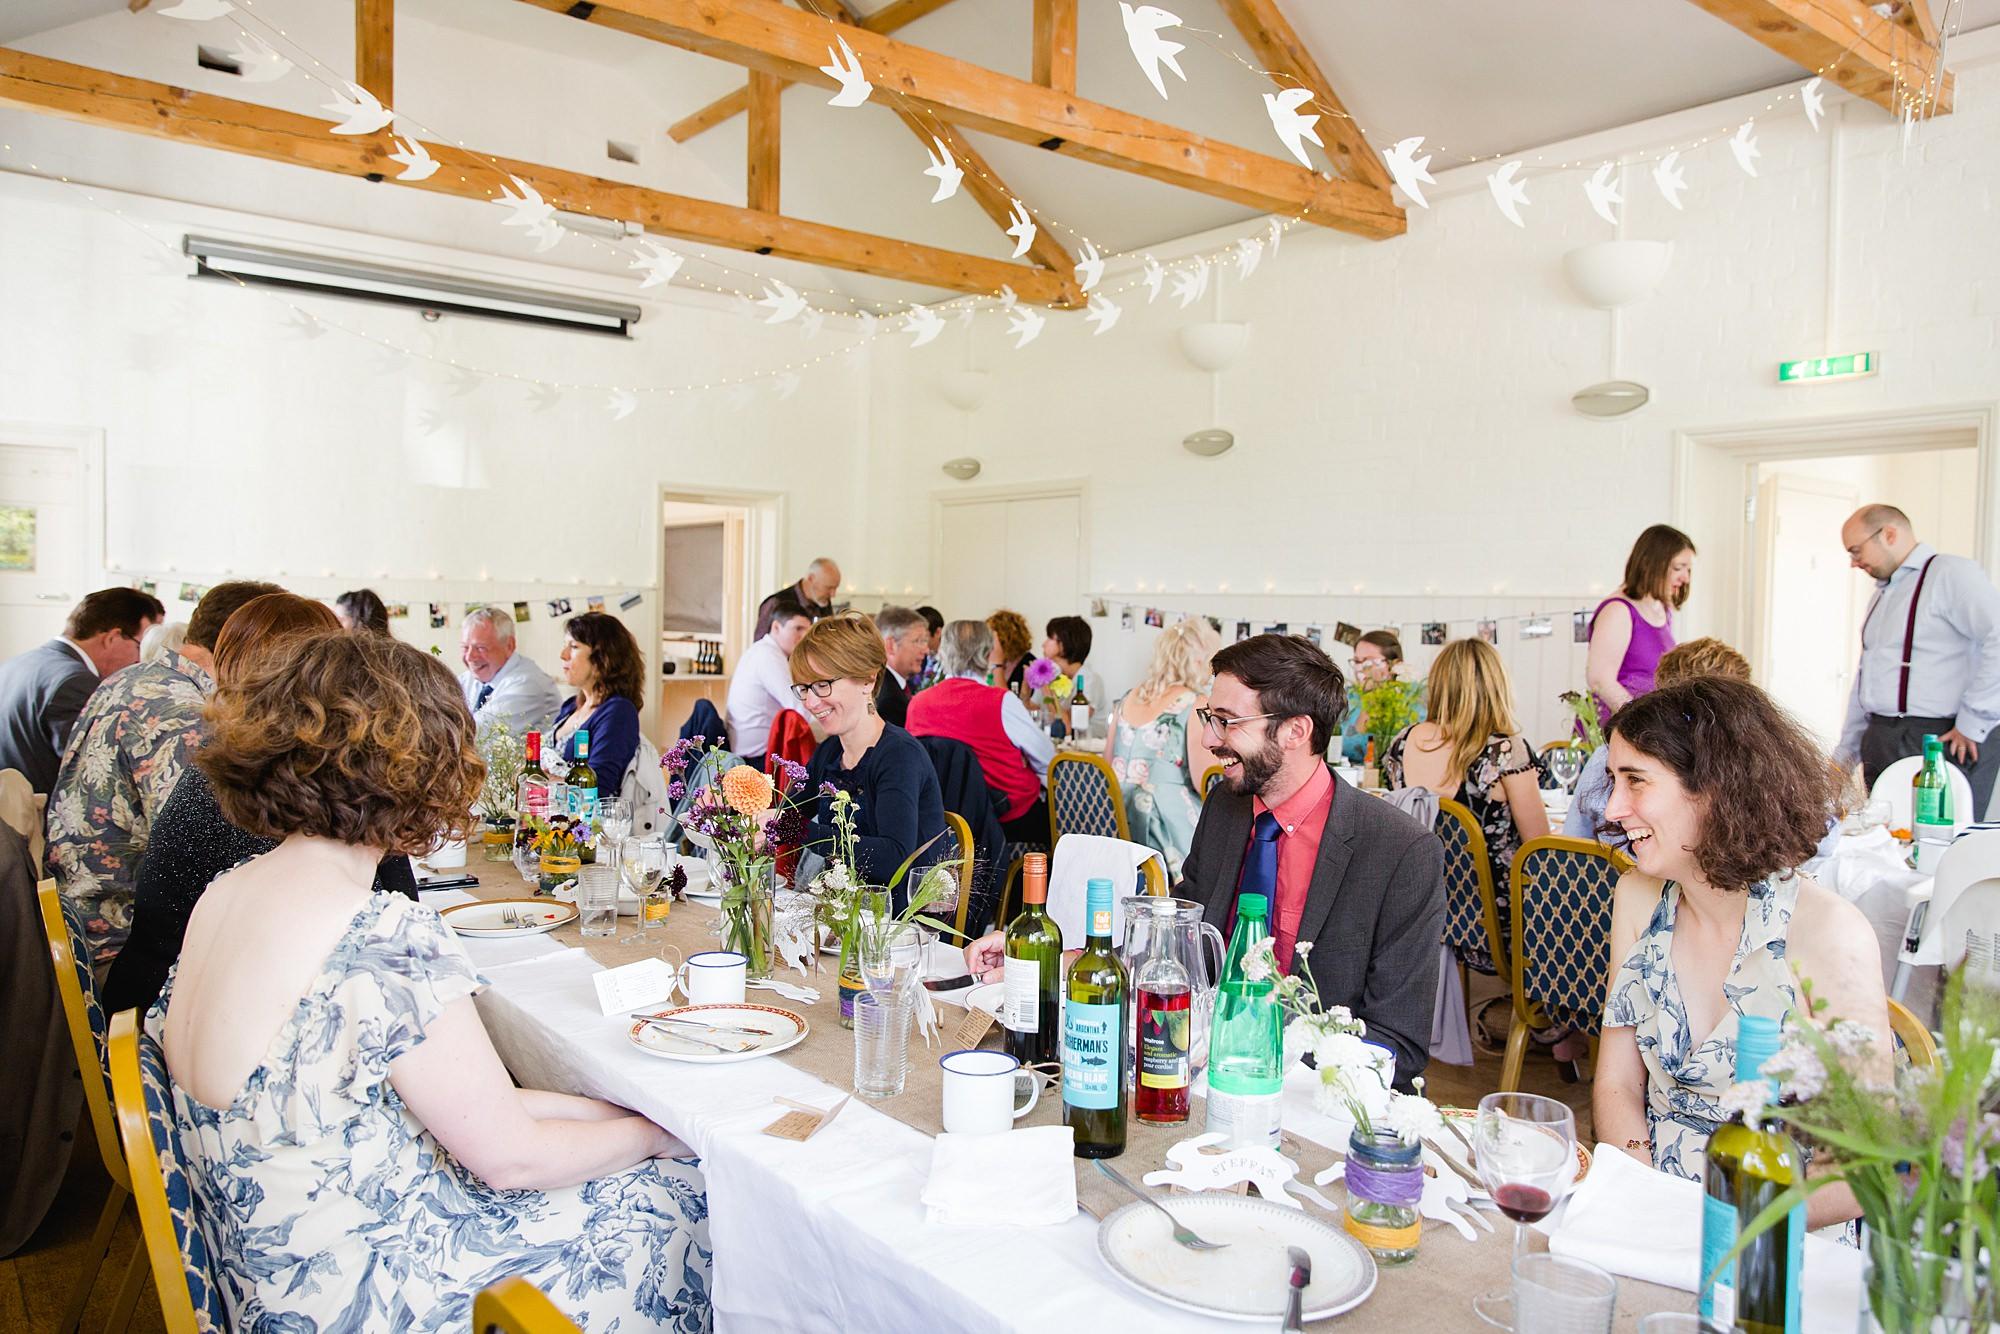 Fun village hall wedding guests enjoying lunch